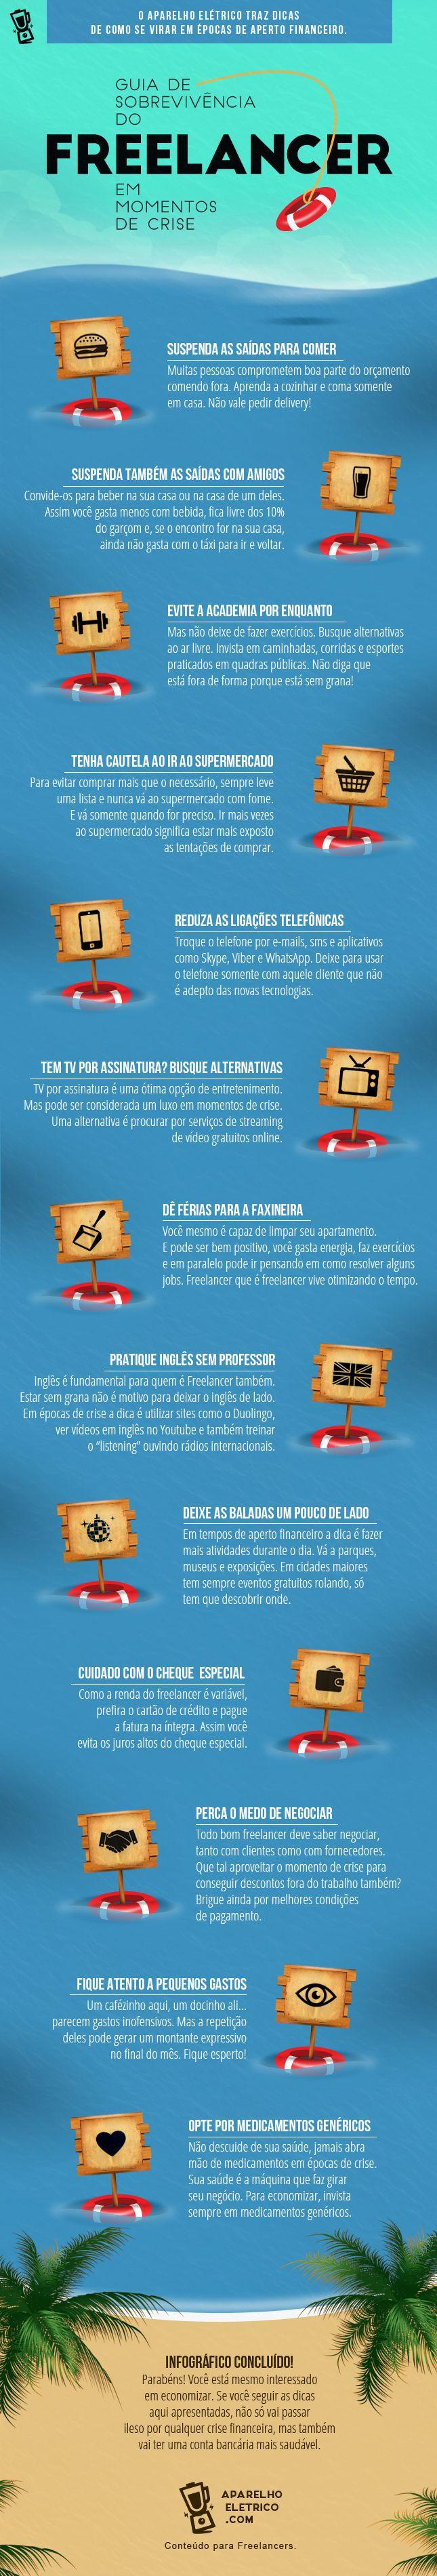 Infográfico - Veja como economizar dinheiro com o Guia de Sobrevivência do Freelancer em Momentos de Crise